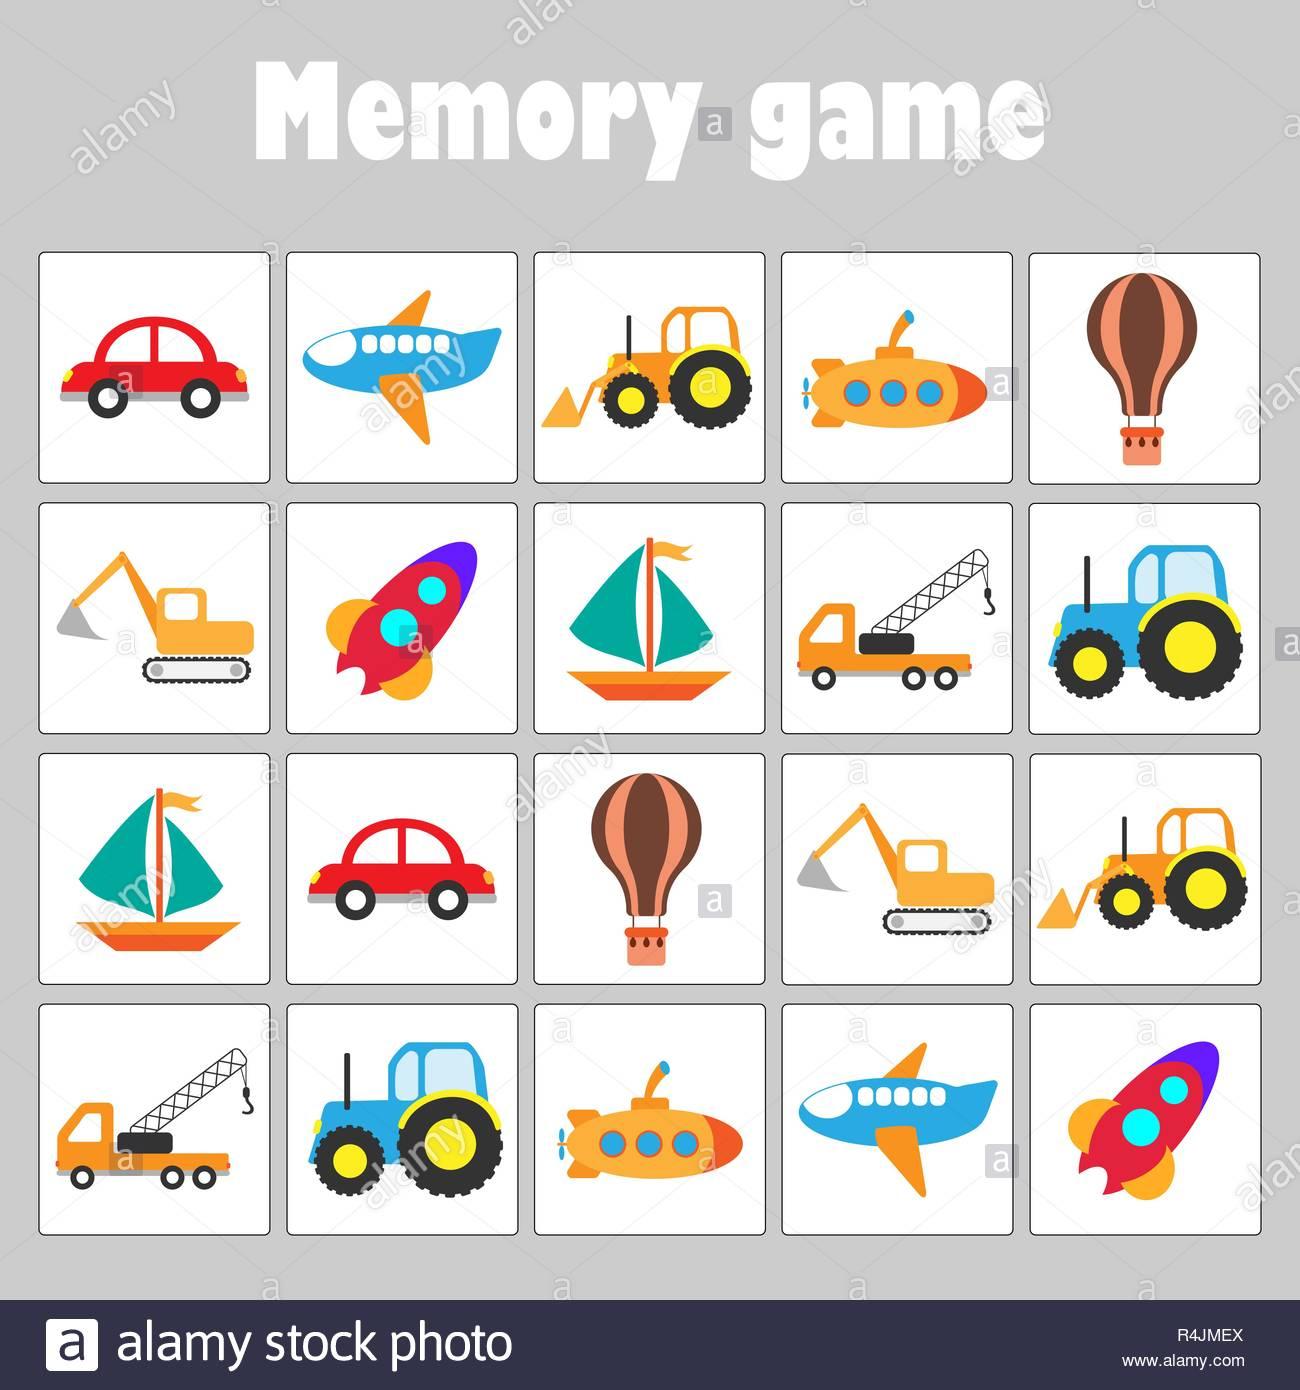 Jeu De Mémoire Avec Des Images Différentes Pour Les Enfants concernant Jeux De Memoire Pour Enfant